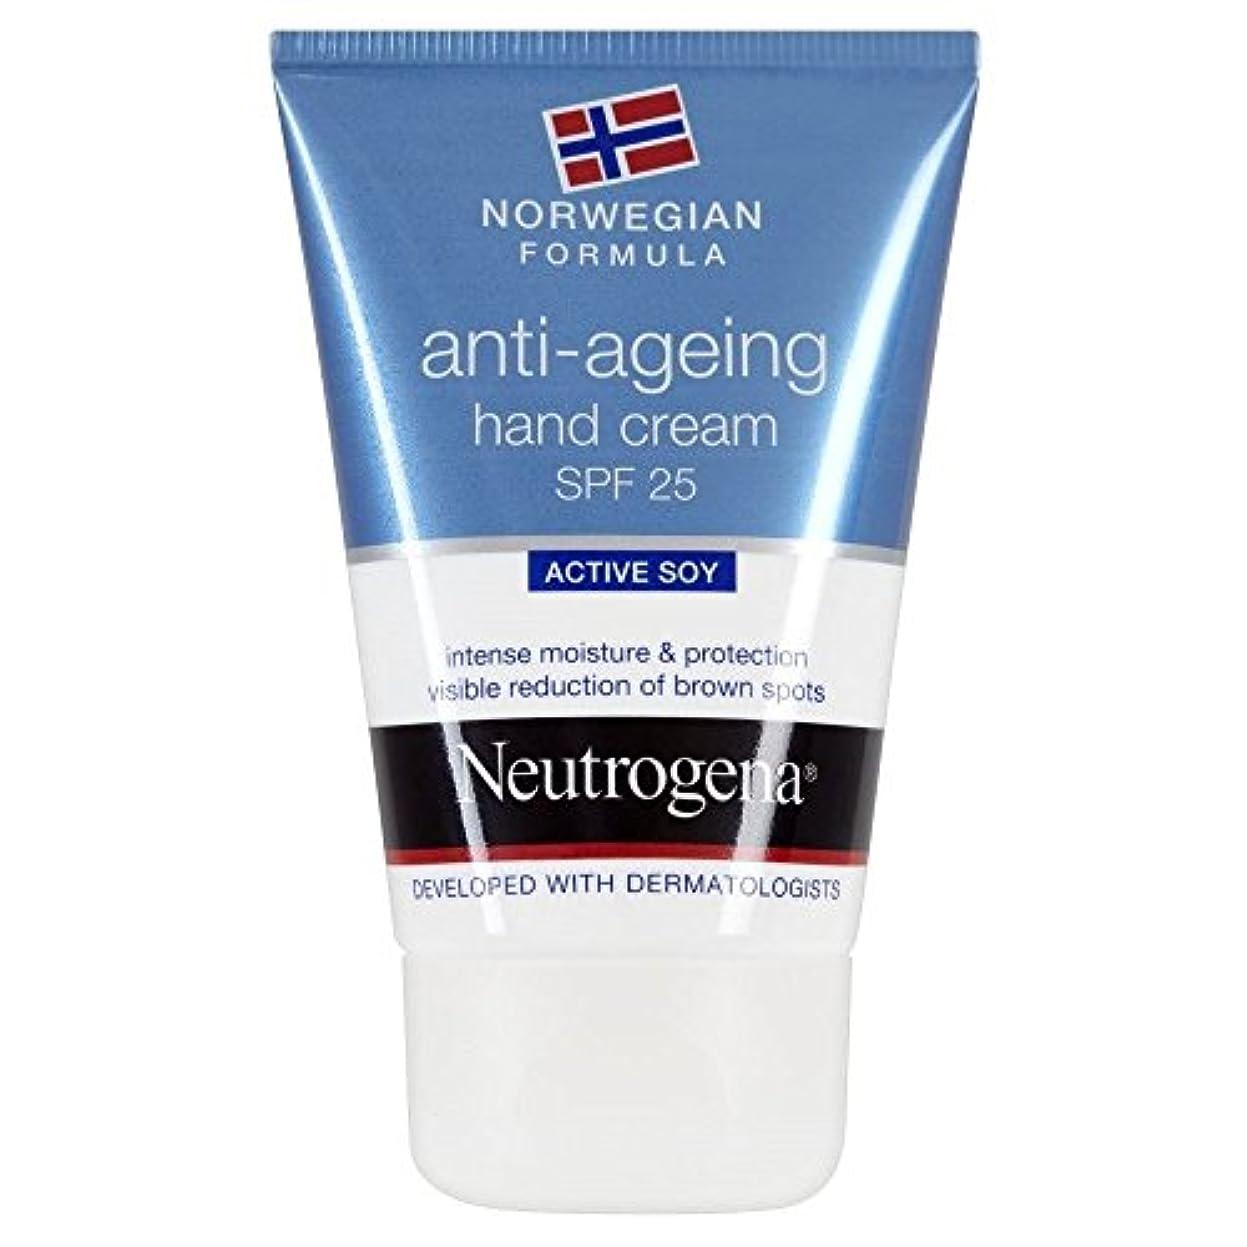 液体懐疑論恐怖症[Neutrogena] ニュートロジーナノルウェー式アンチエイジングハンドクリームSpf25(50Ml)中 - Neutrogena Norwegian Formula Anti Ageing Hand Cream Spf25...